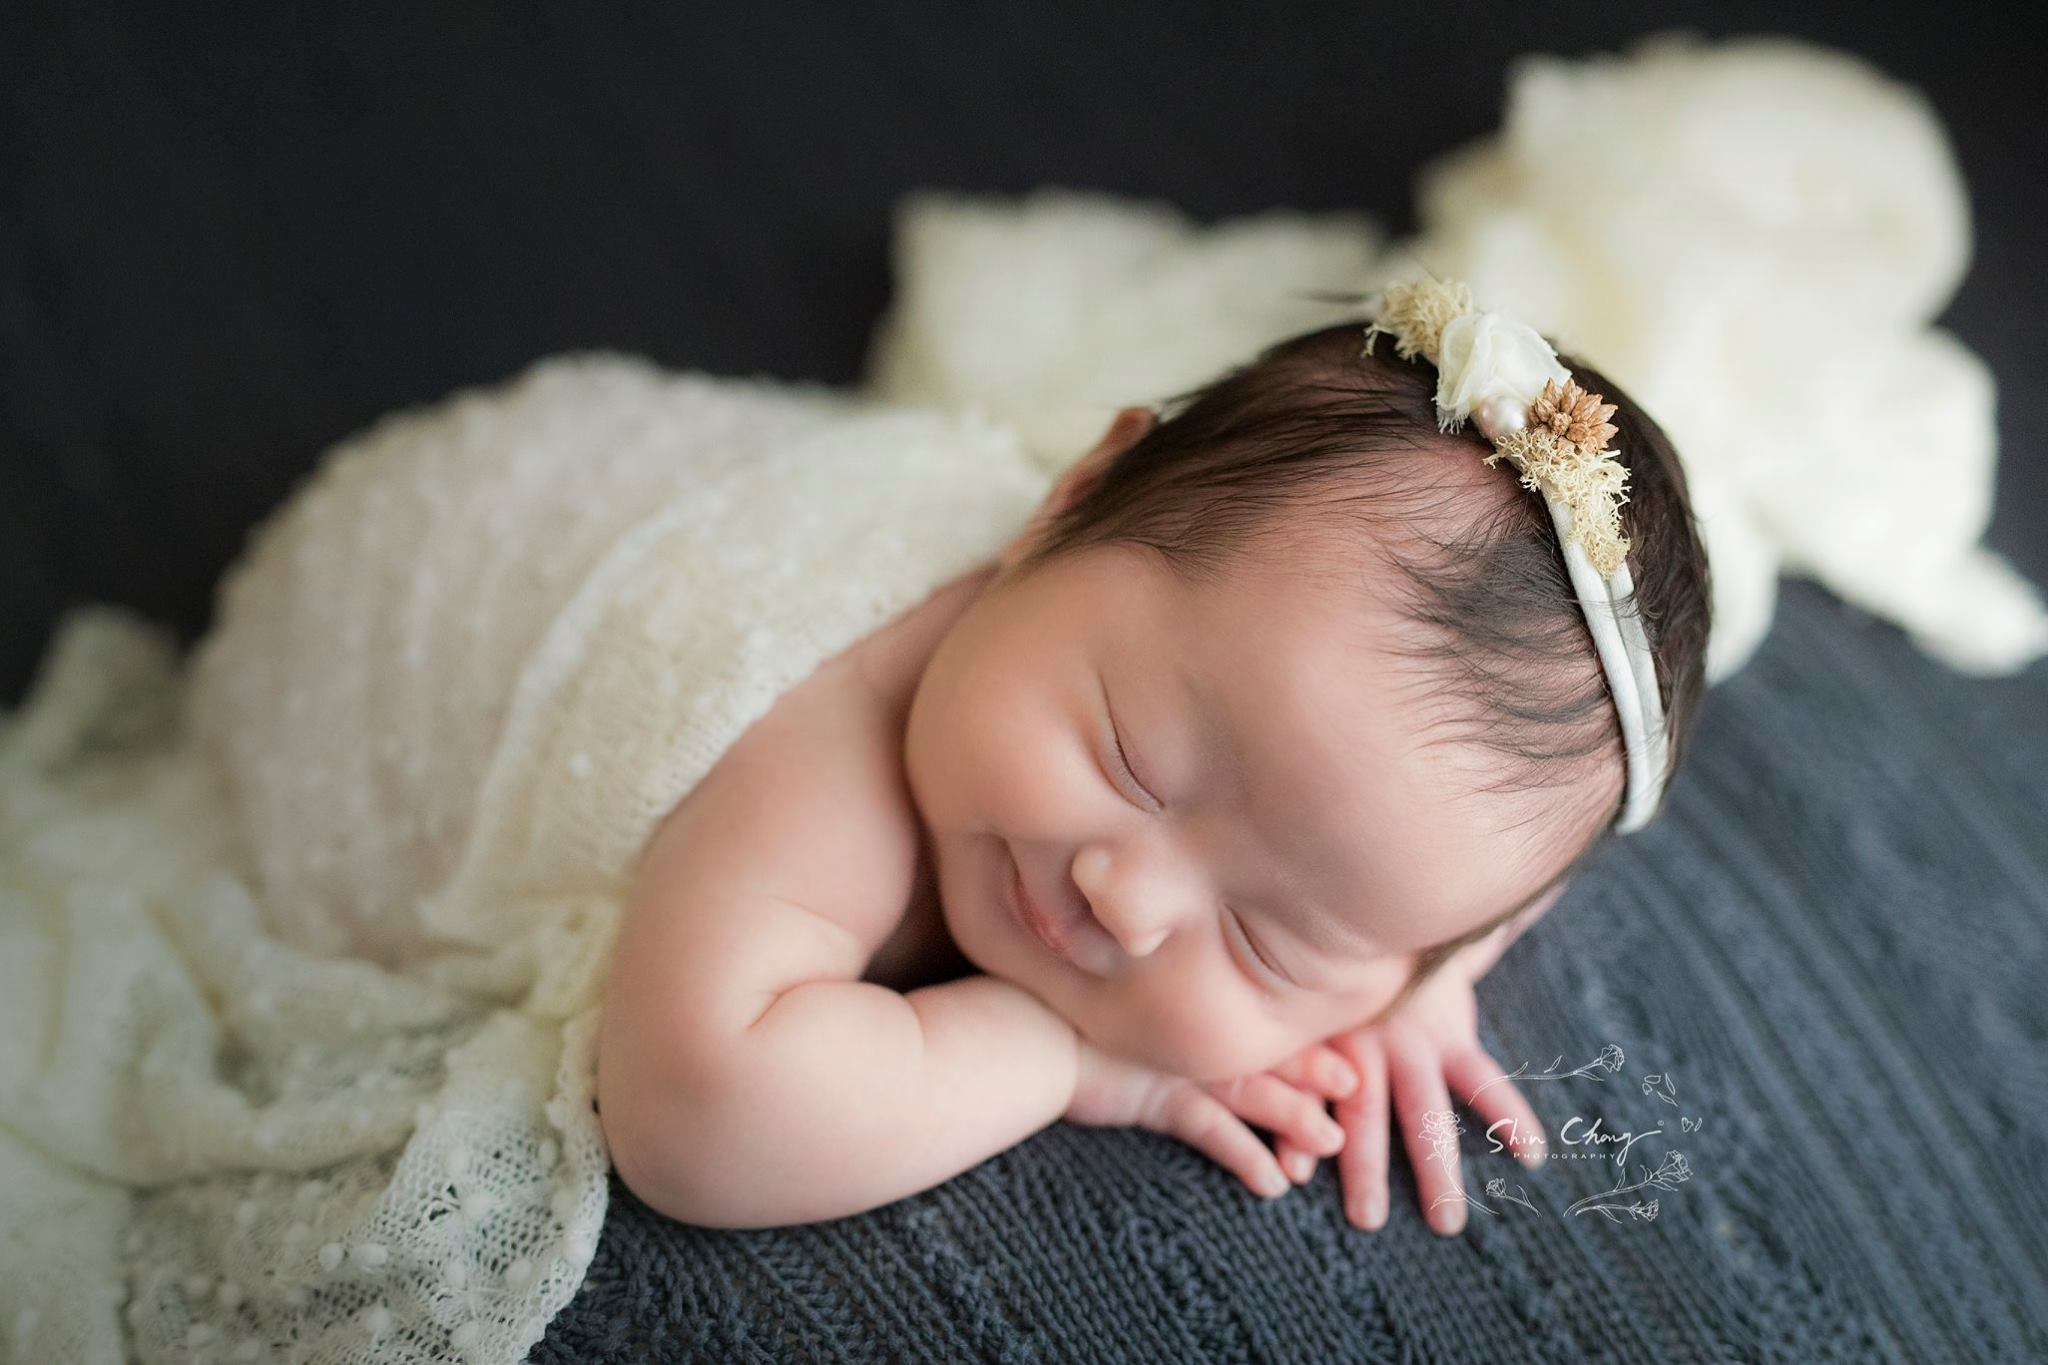 陪玩姊姊-媽媽專訪實例參考-新生兒攝影